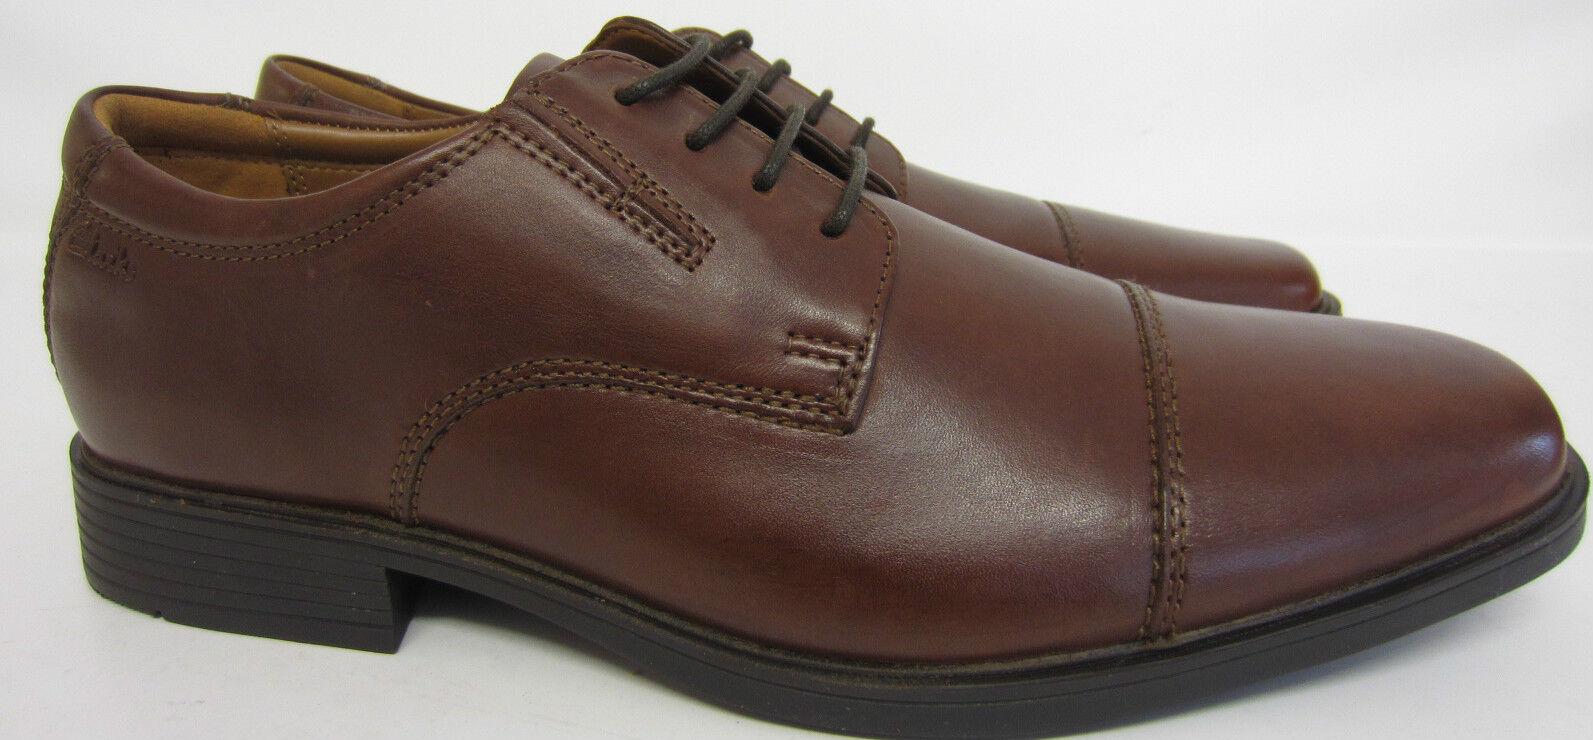 Clarks Hombre Tilden Gorra Ajuste G Cuero Marrón Zapato Talla Go) 36 x 11 ( Go) Talla def9c2